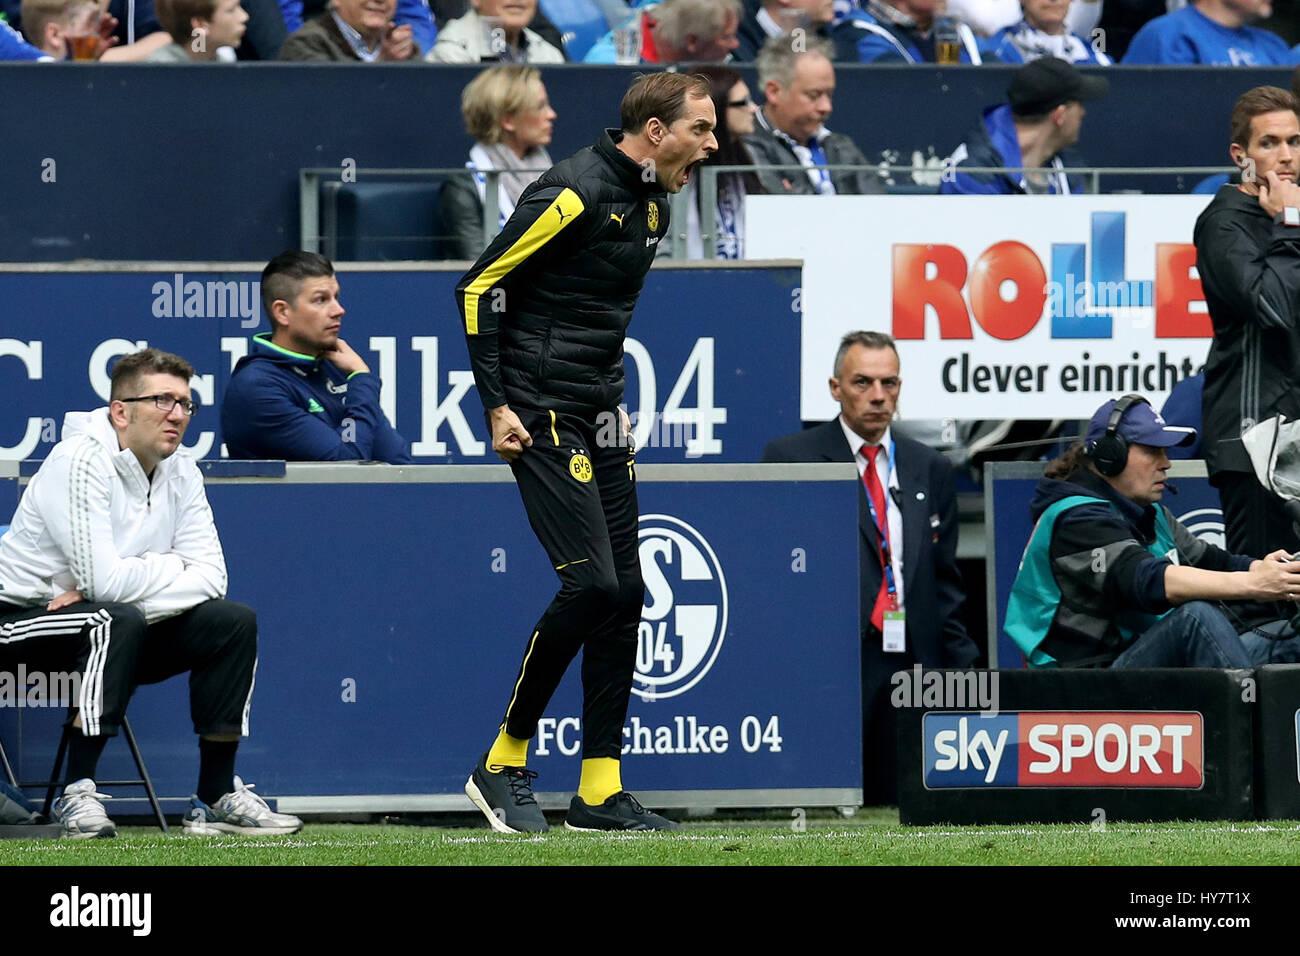 Gelsenkirchen. 1er avril 2017. L'entraîneur Thomas Tuchel (C) du Borussia Dortmund réagit au cours de la Bundesliga match de football entre le FC Schalke 04 et le Borussia Dortmund au Veltins Arena à Gelsenkirchen, Allemagne le 1 avril 2017. Credit: Joachim Bywaletz/Xinhua/Alamy Live News Banque D'Images